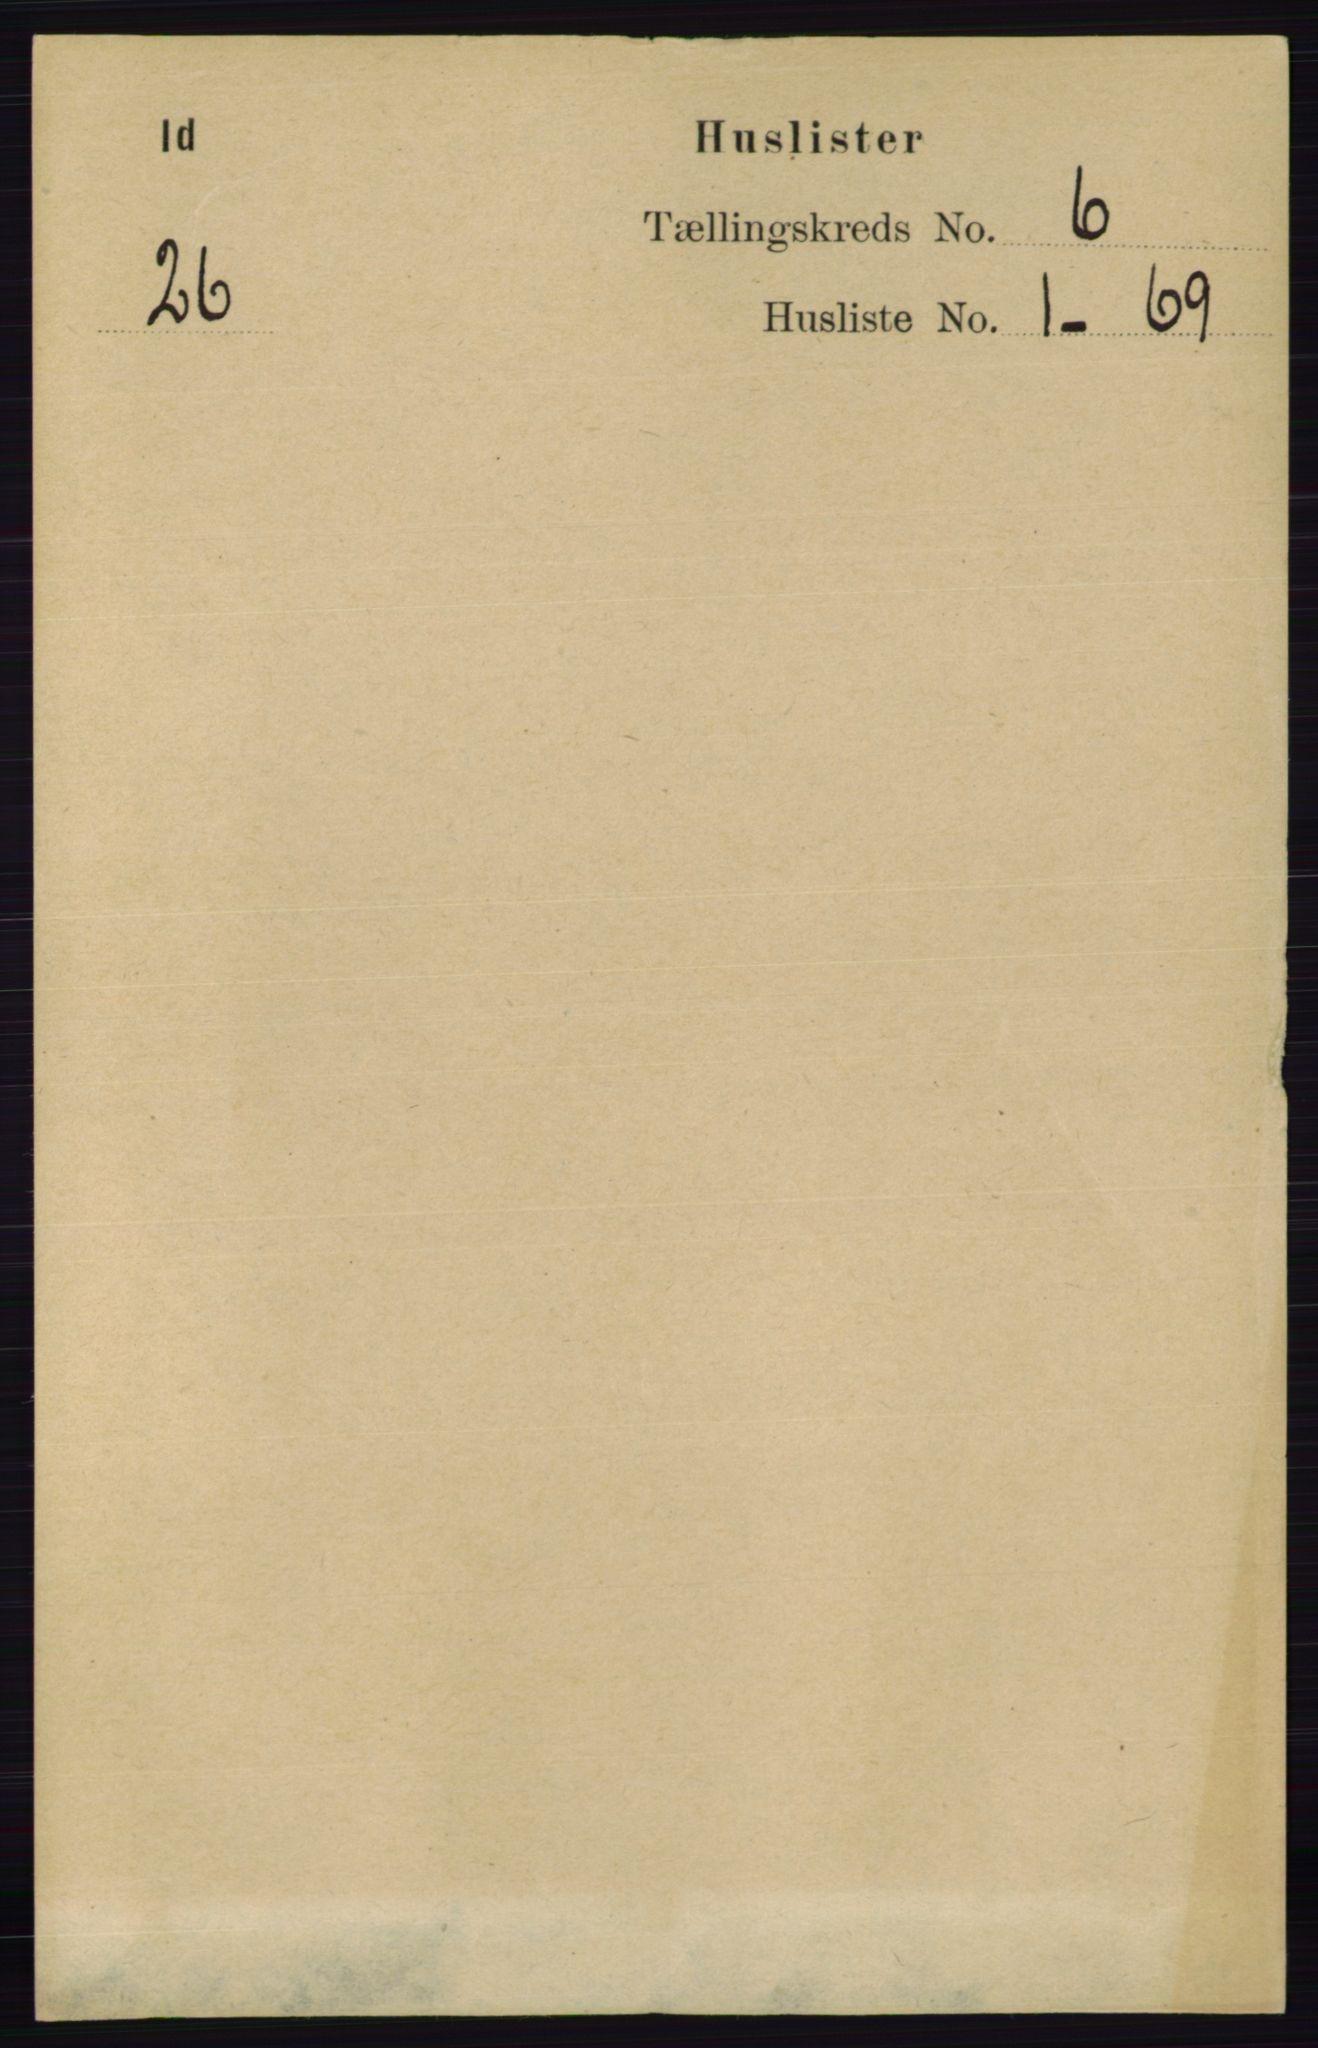 RA, Folketelling 1891 for 0117 Idd herred, 1891, s. 3501